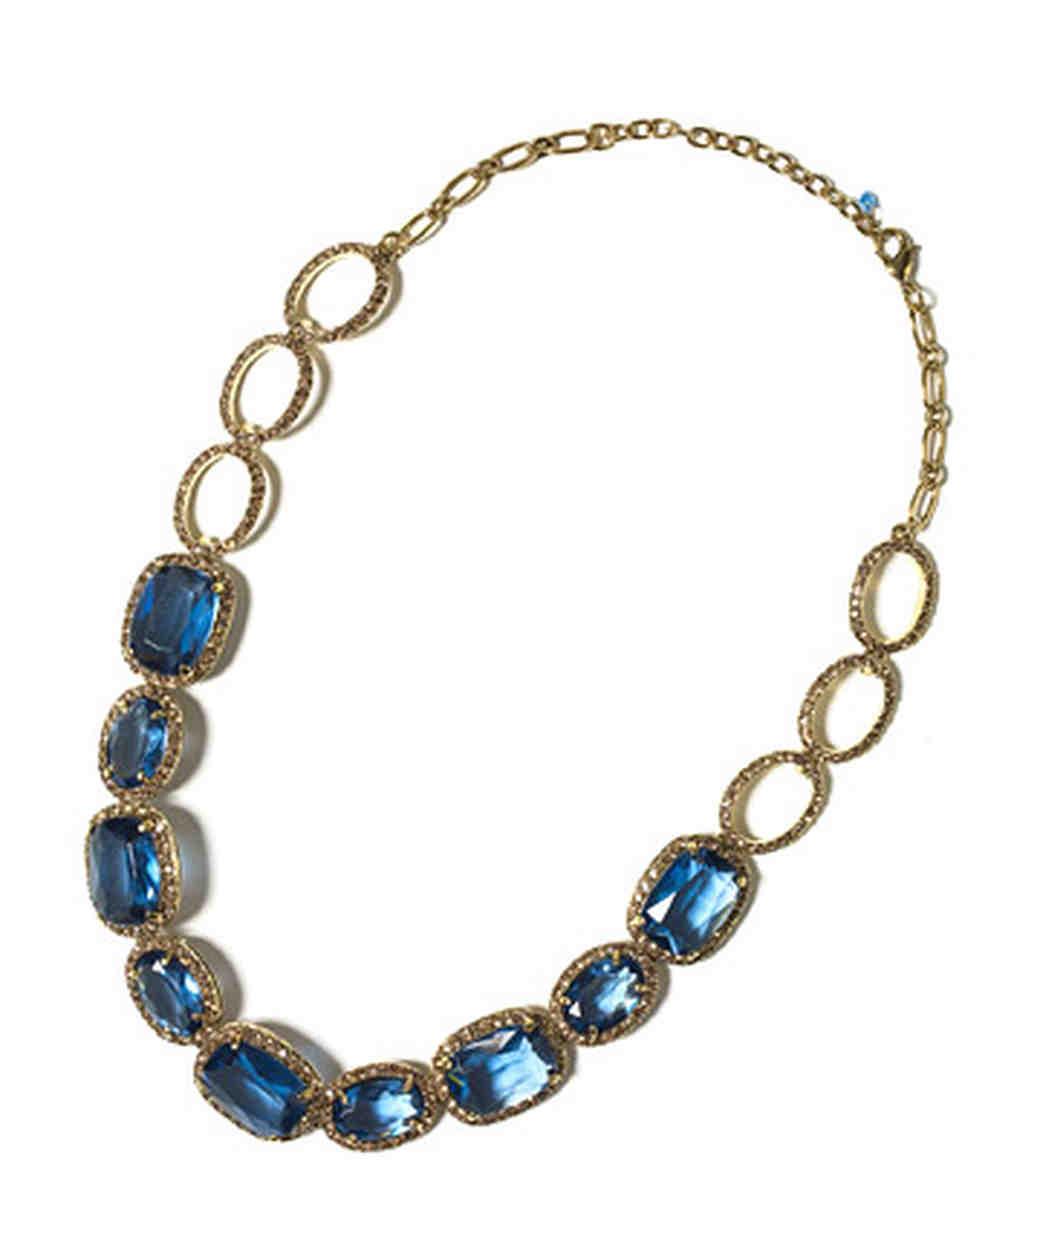 wd104606_spr09_jewelry43.jpg